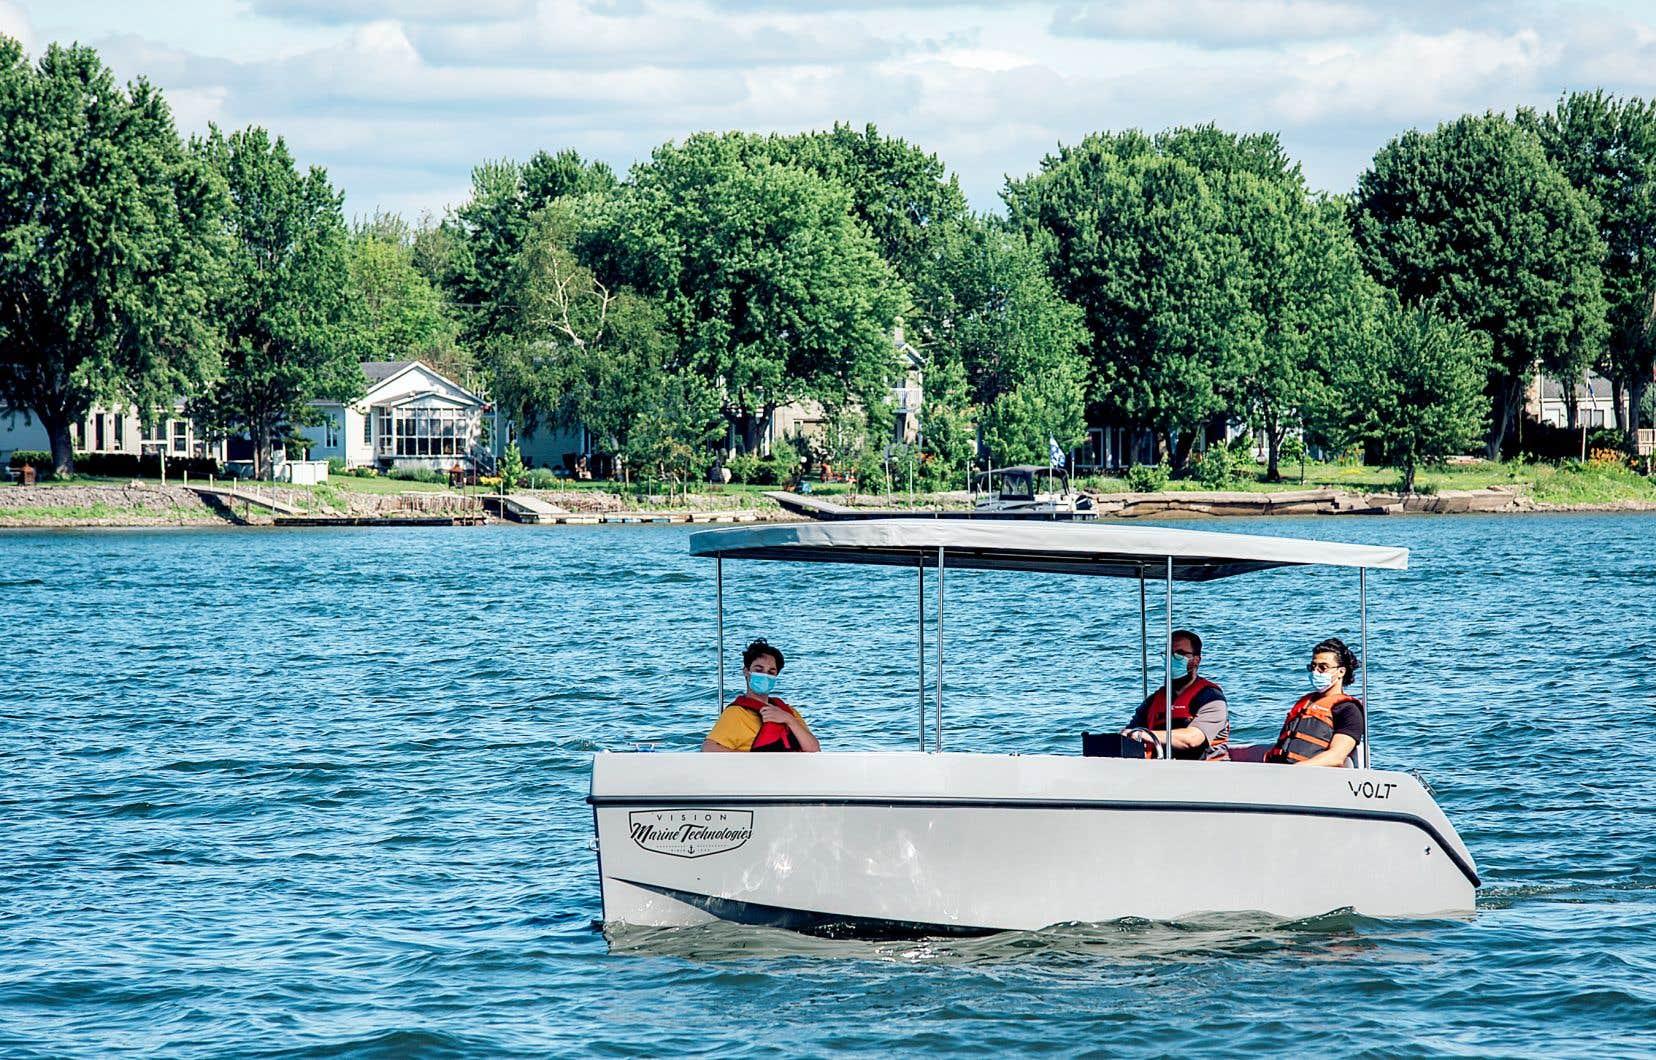 Certains projets issus des budgets participatifs menés dans Ahuntsic-Cartierville en 2019 et 2020 n'auraient probablement pas pu voir le jour sans cet exercice, dont celui qui sera réalisé très prochainement de bateaux électriques sur la rivière des Prairies, déclinaison du projet déjà en place sur la rivière Richelieu, à Saint-Jean-sur-Richelieu (notre photo).